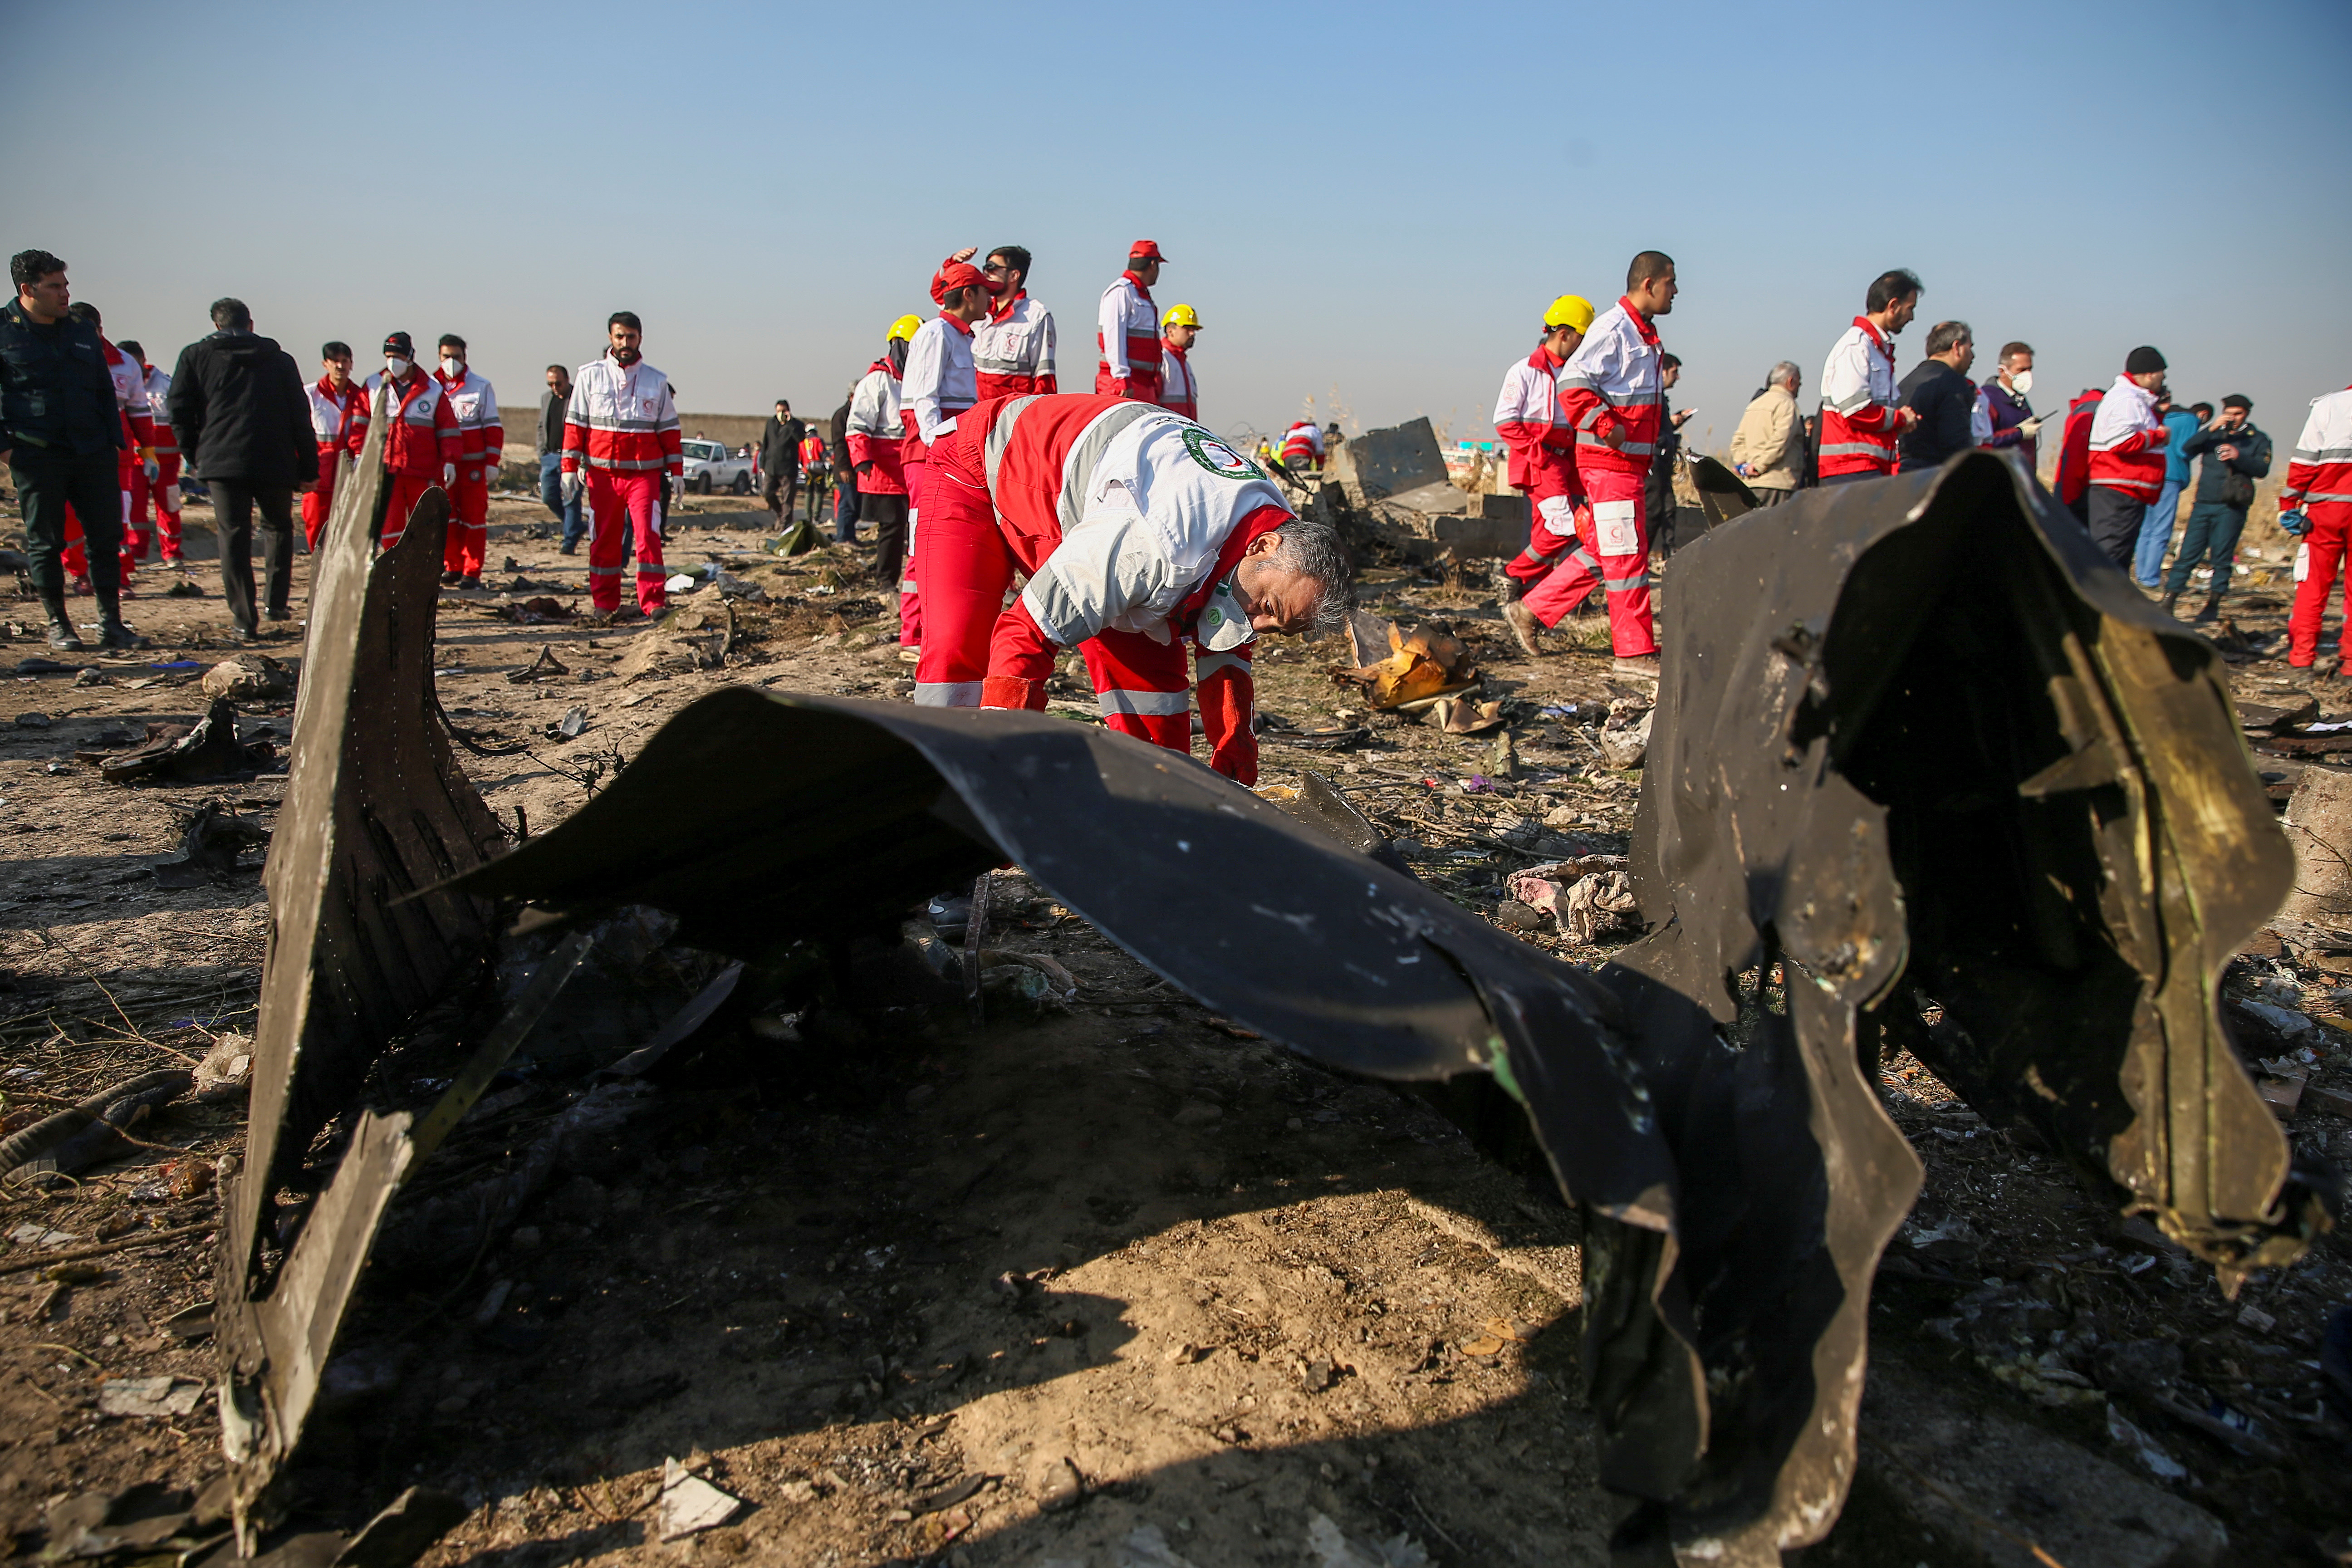 Partes del avión accidentado en Teherán (REUTERS)